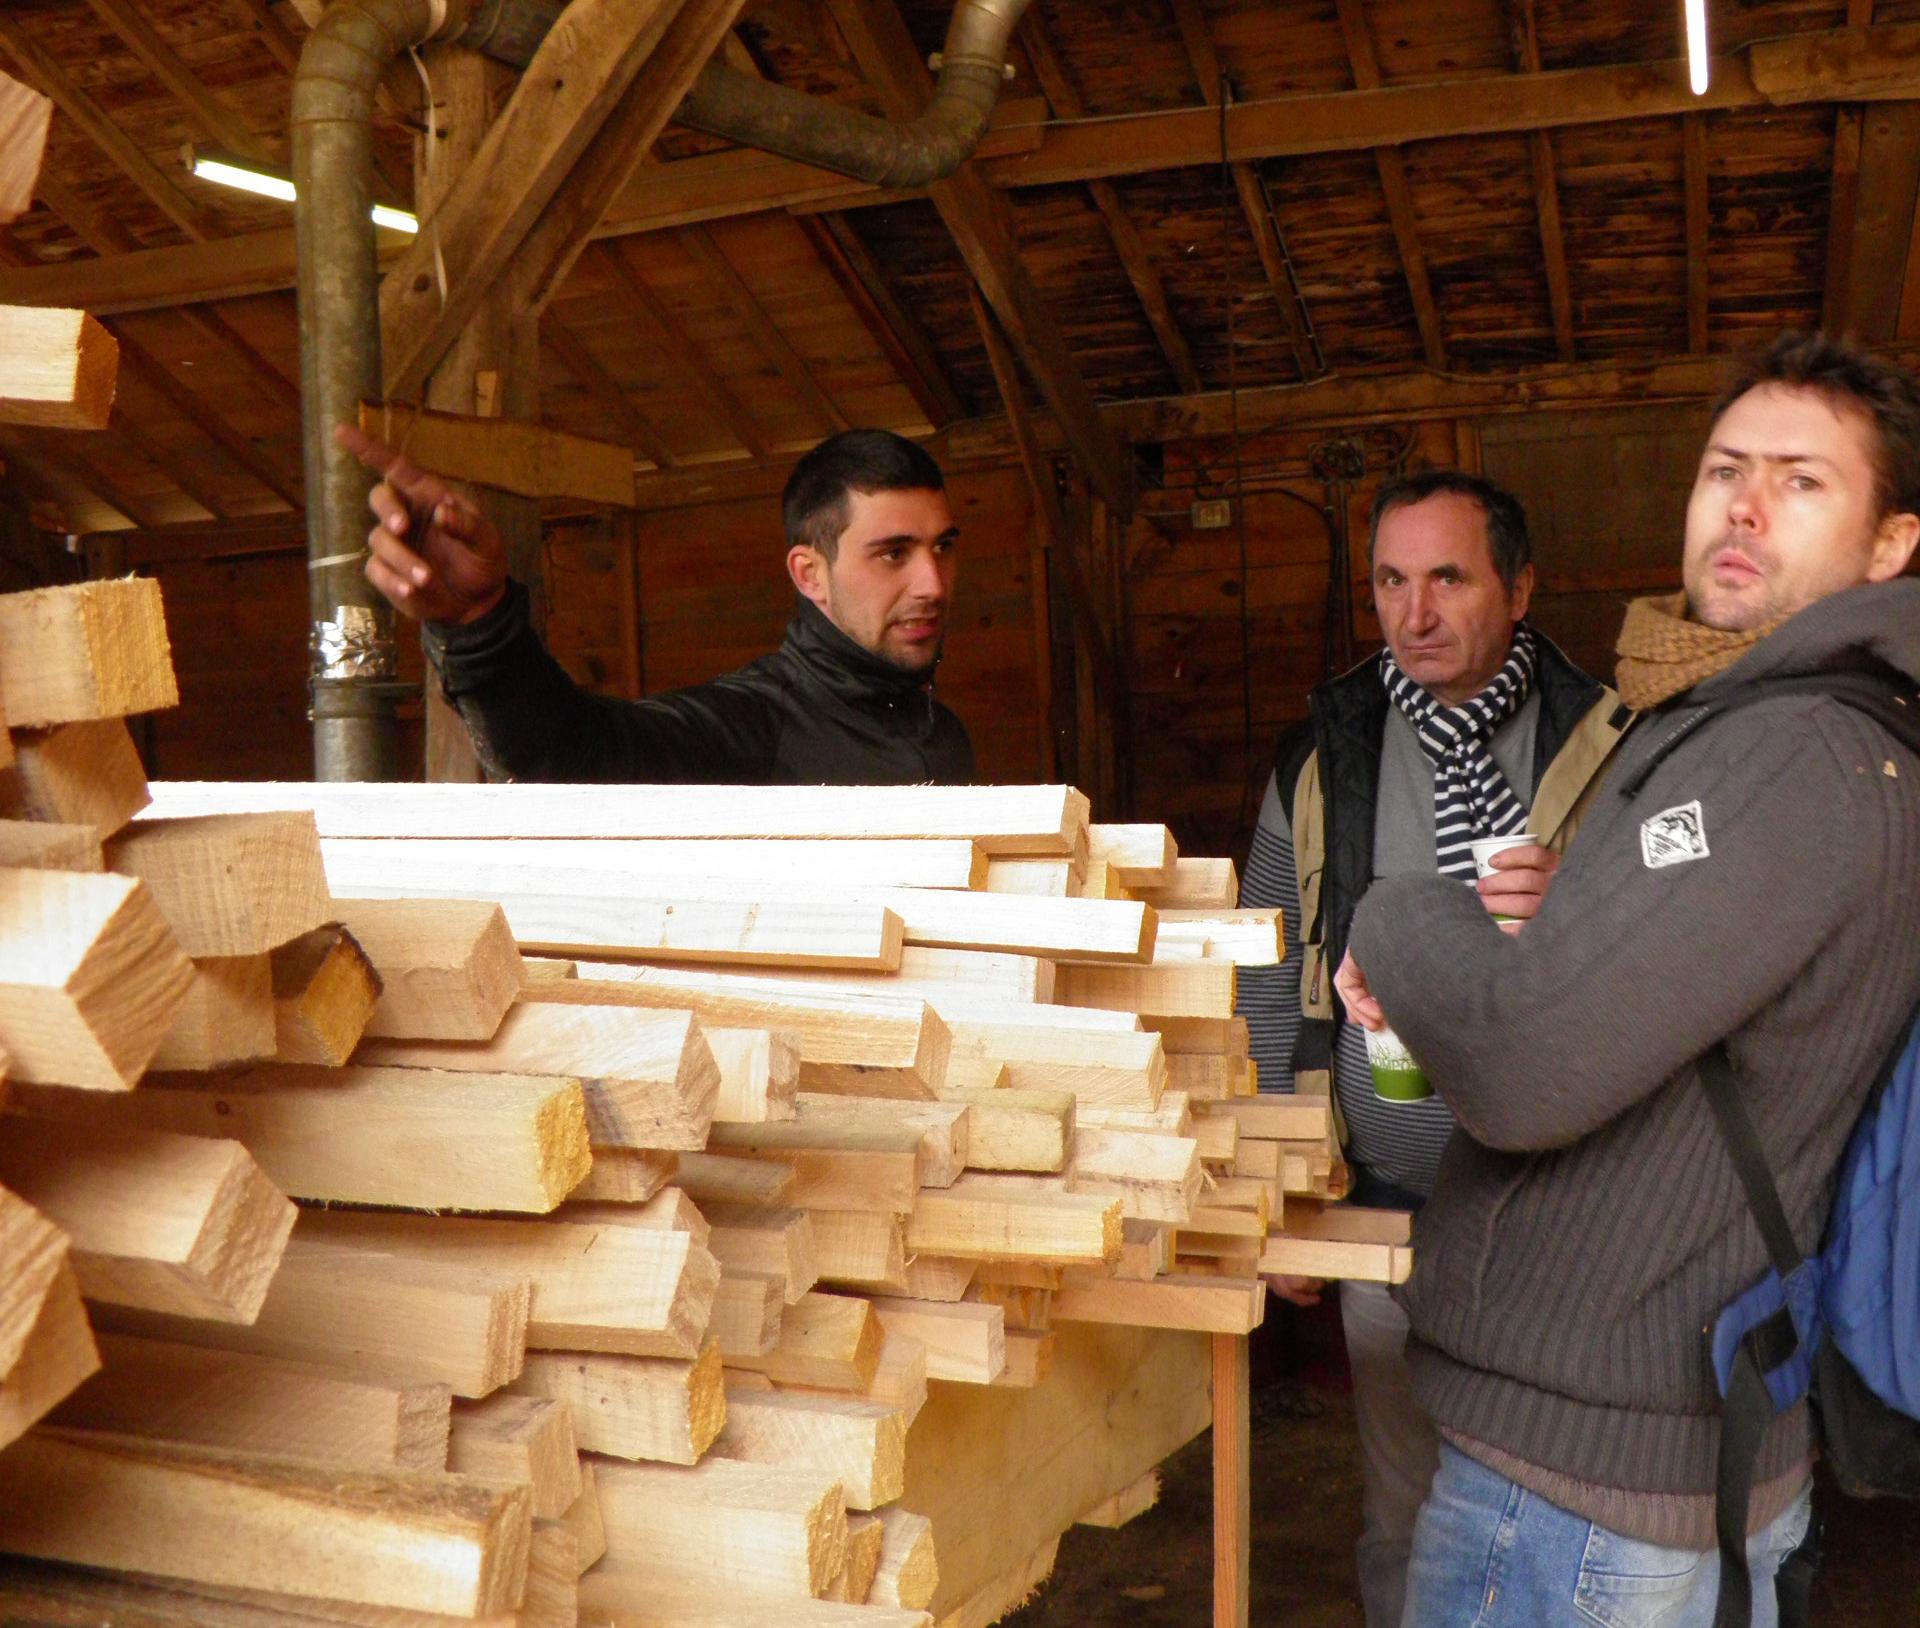 La scierie TARTAR est spécialisée dans la fabrication de tuteurs. (Jean Luc VINCENT continue de fournir en bois de chauffage et piquets)